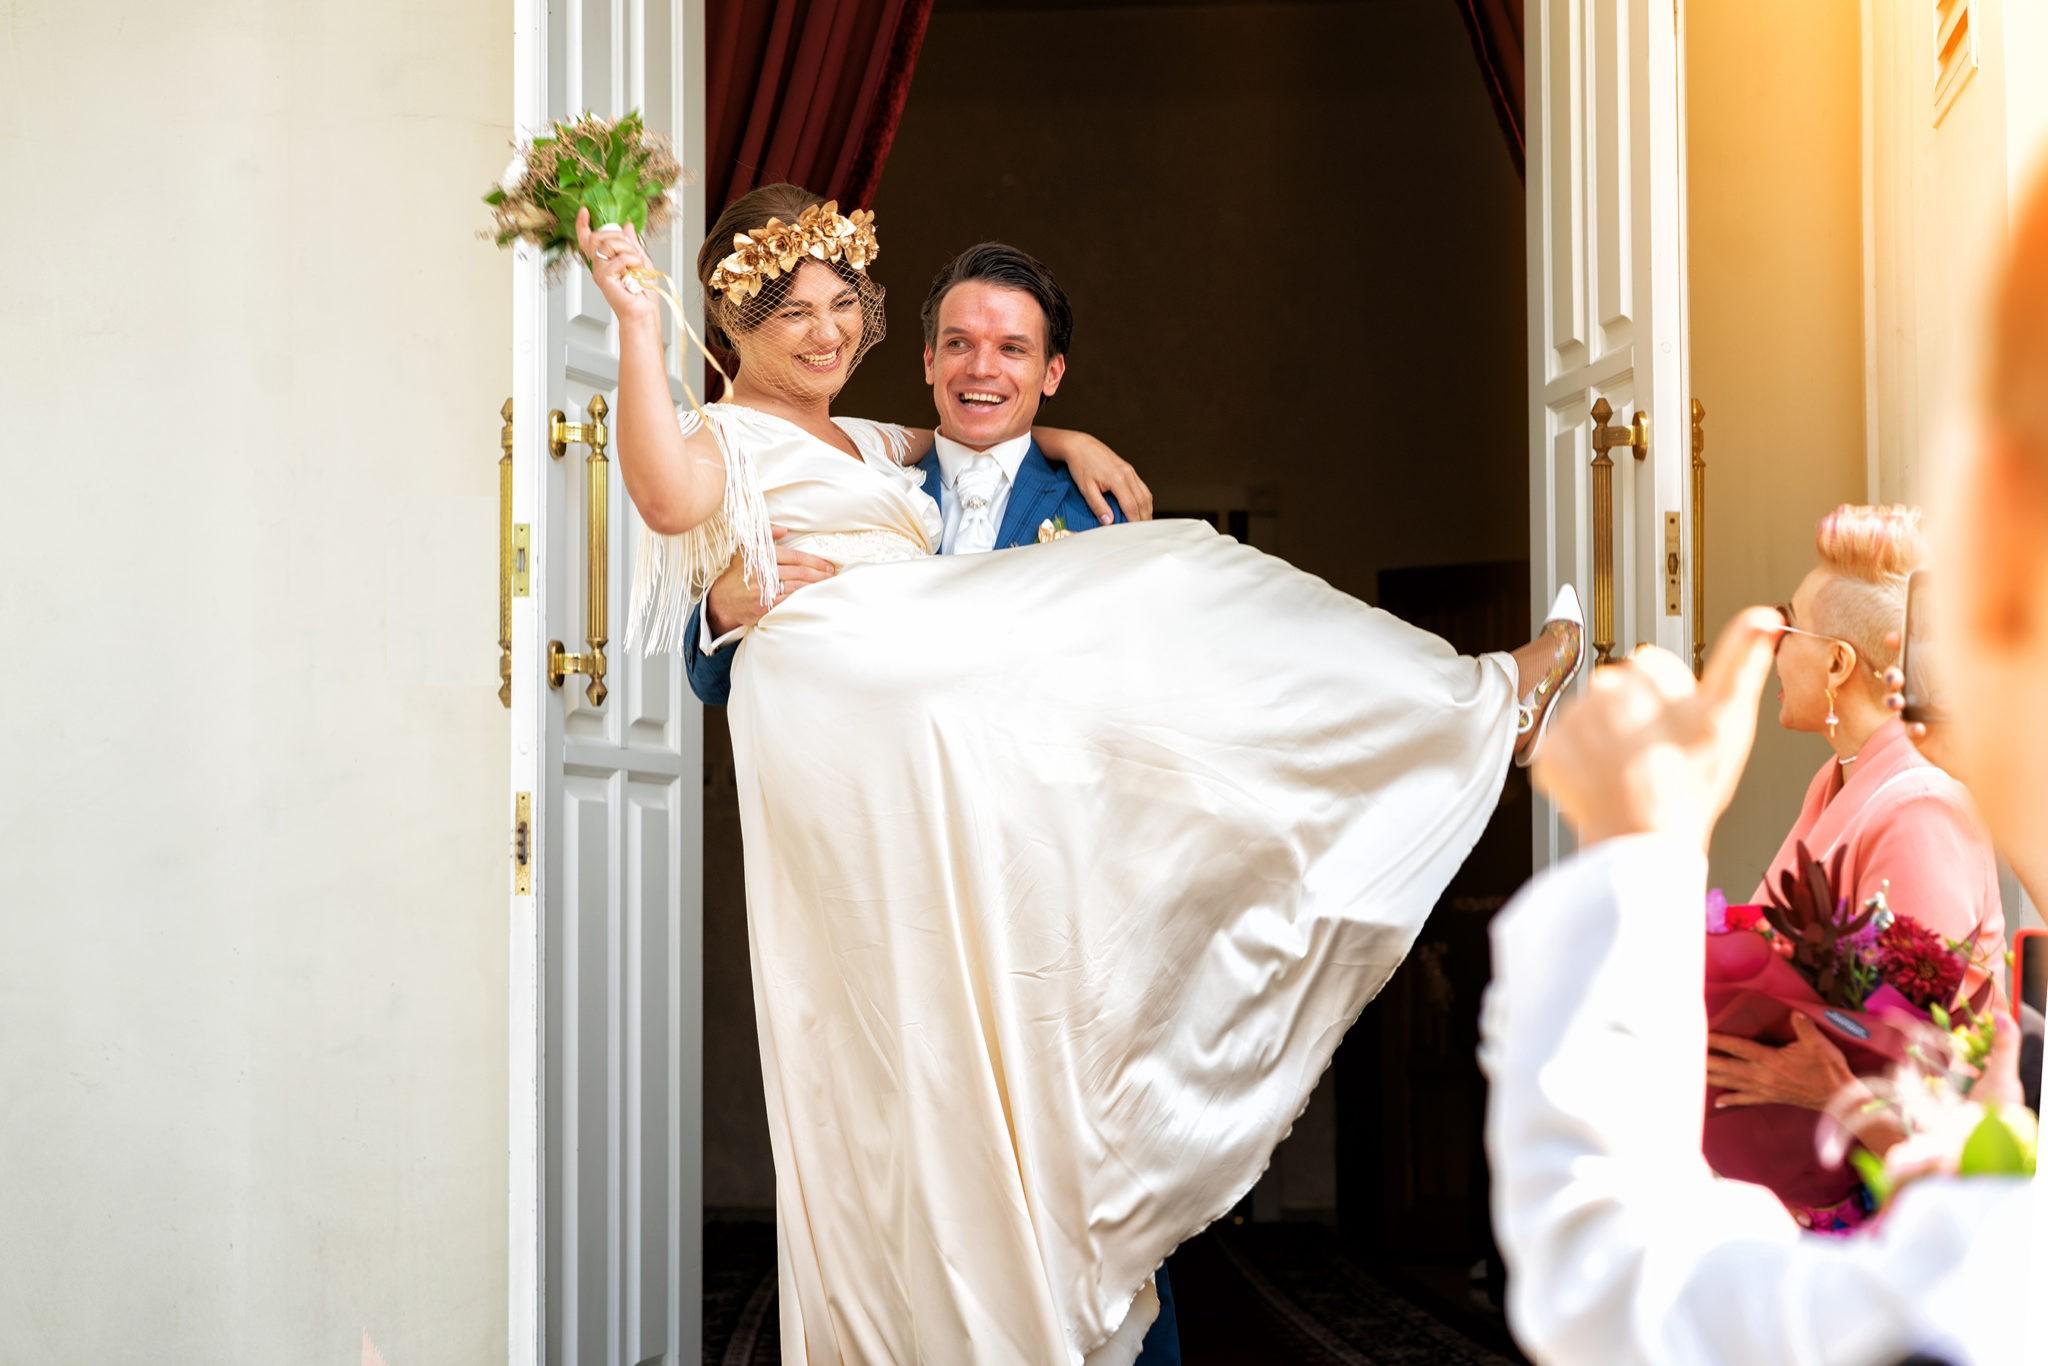 Cвадебная фотосъемка в ЗАГСе Екатерининский Зал Краснодар от свадебного фотографа: парадный выход из ЗАГСа